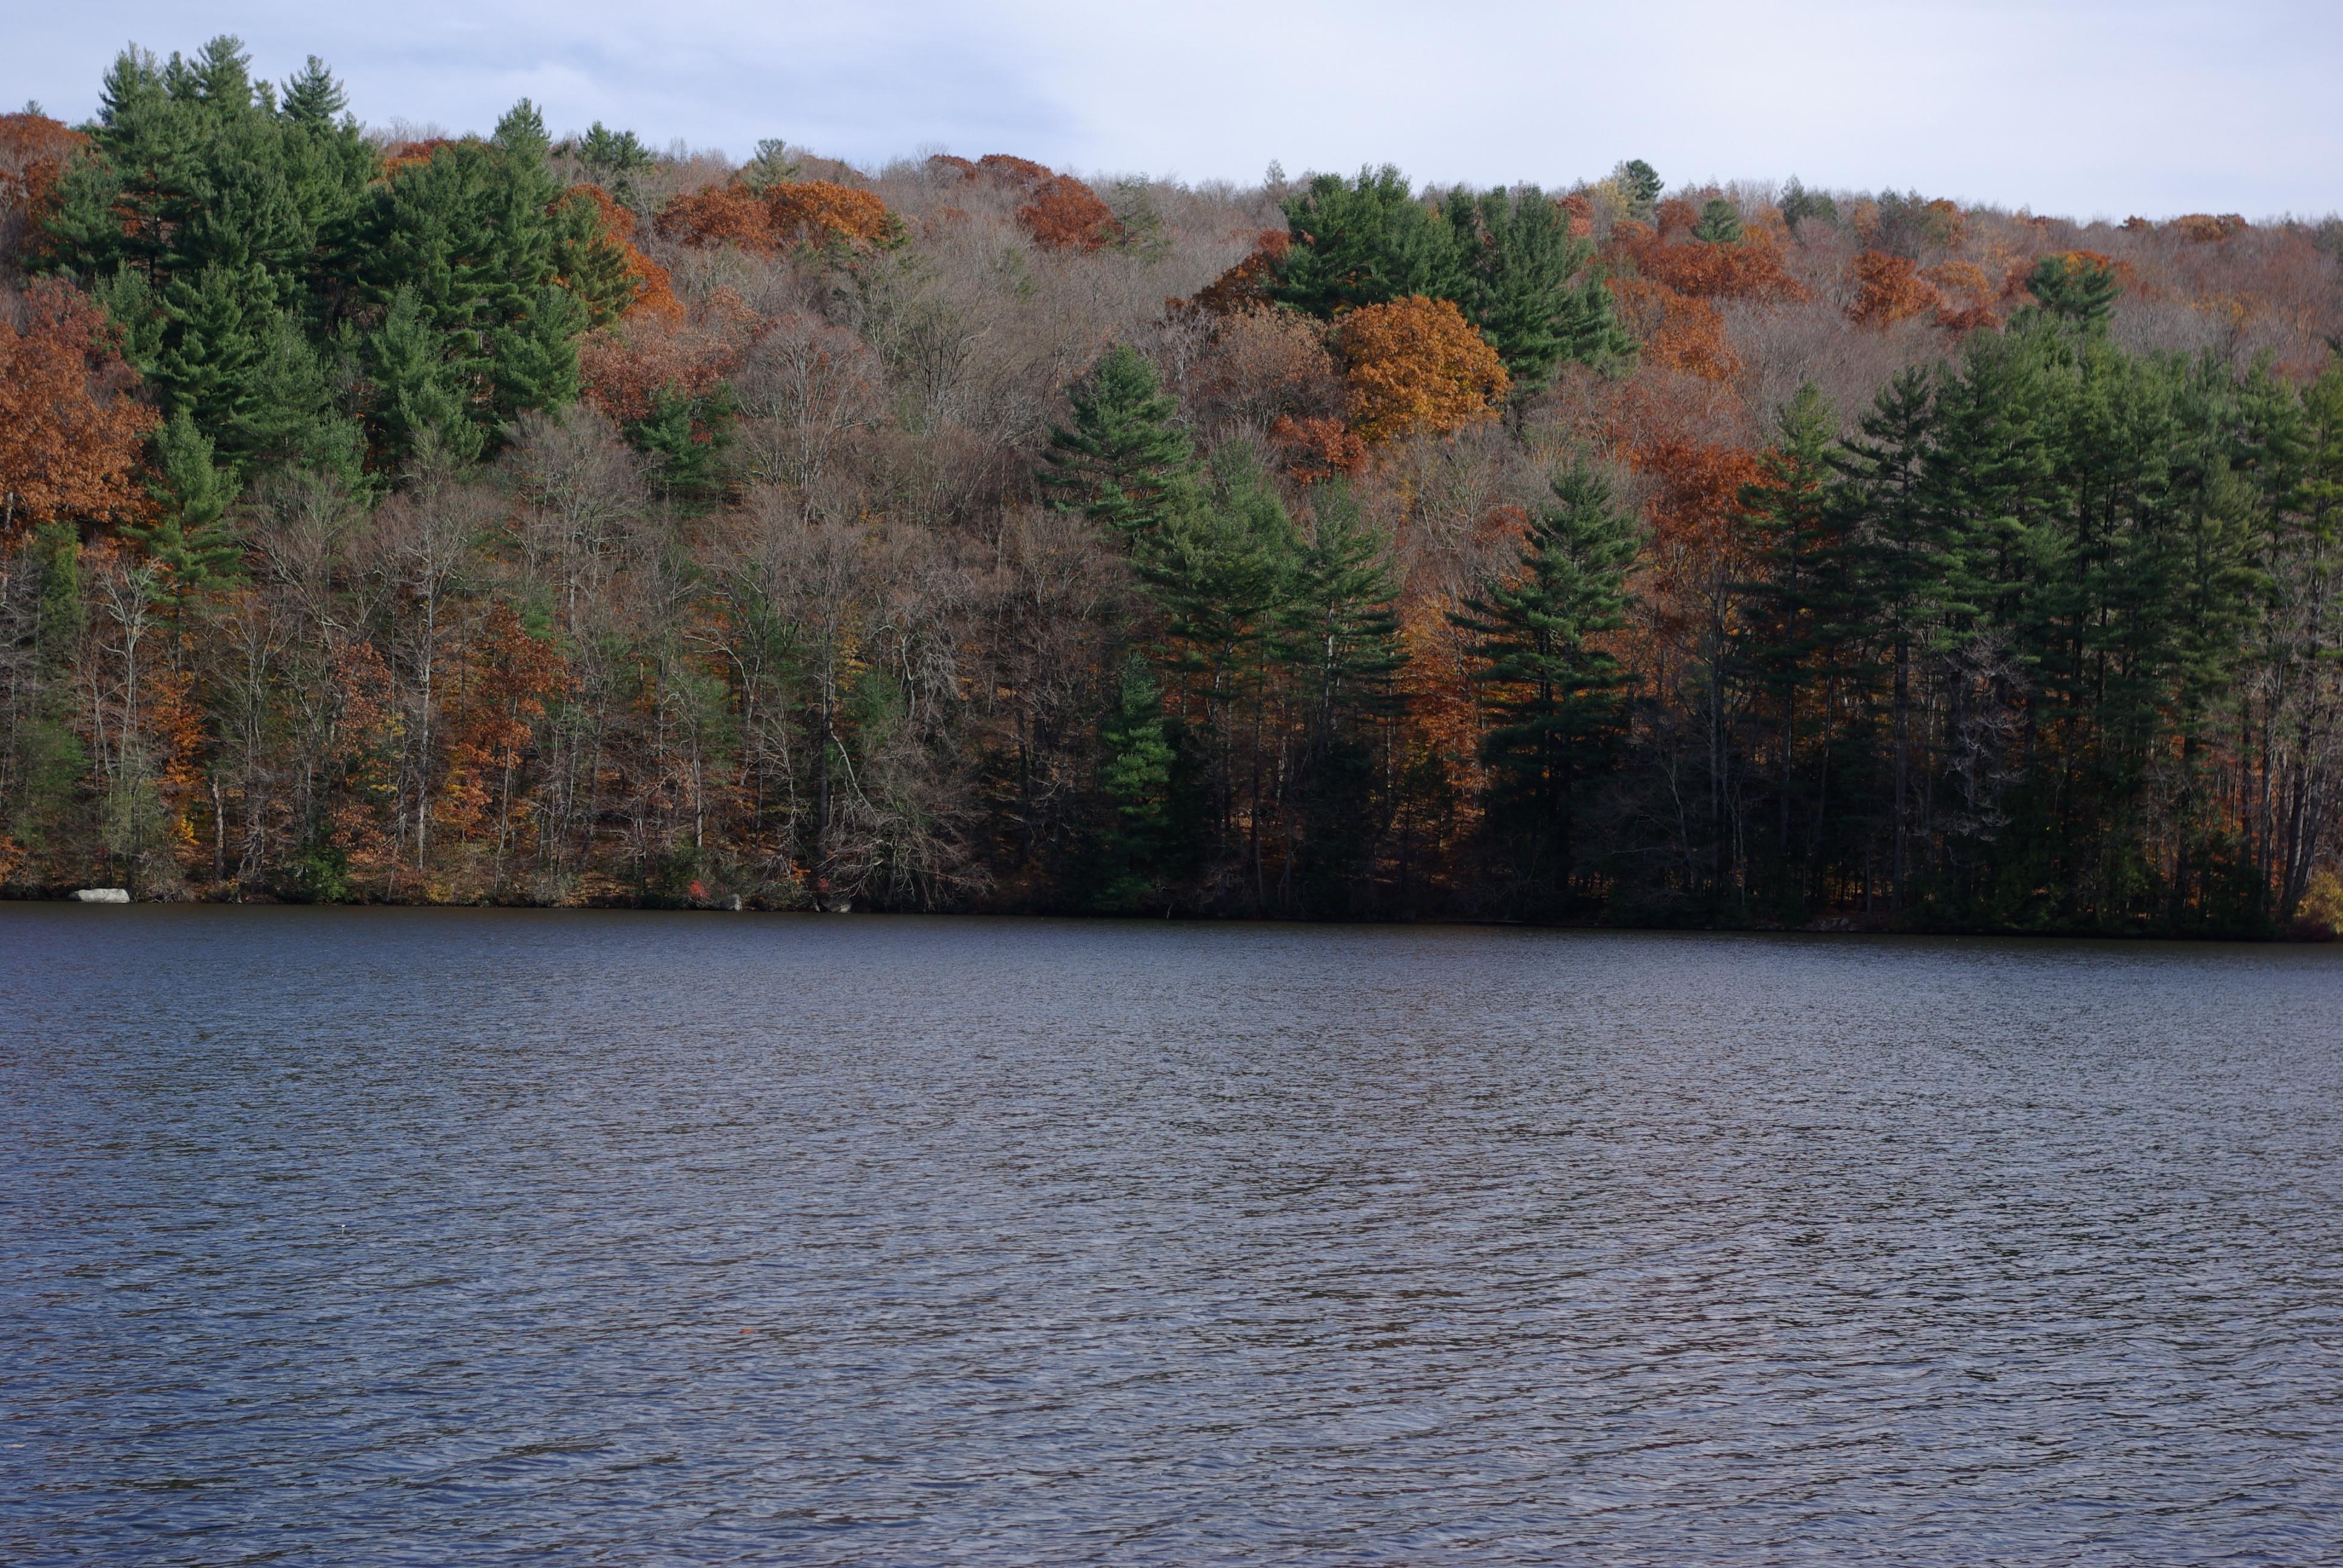 Terreno per Vendita alle ore Rare Waterfront Lot on Pristine Pond 46 Town Hill Road Goshen, Connecticut, 06756 Stati Uniti